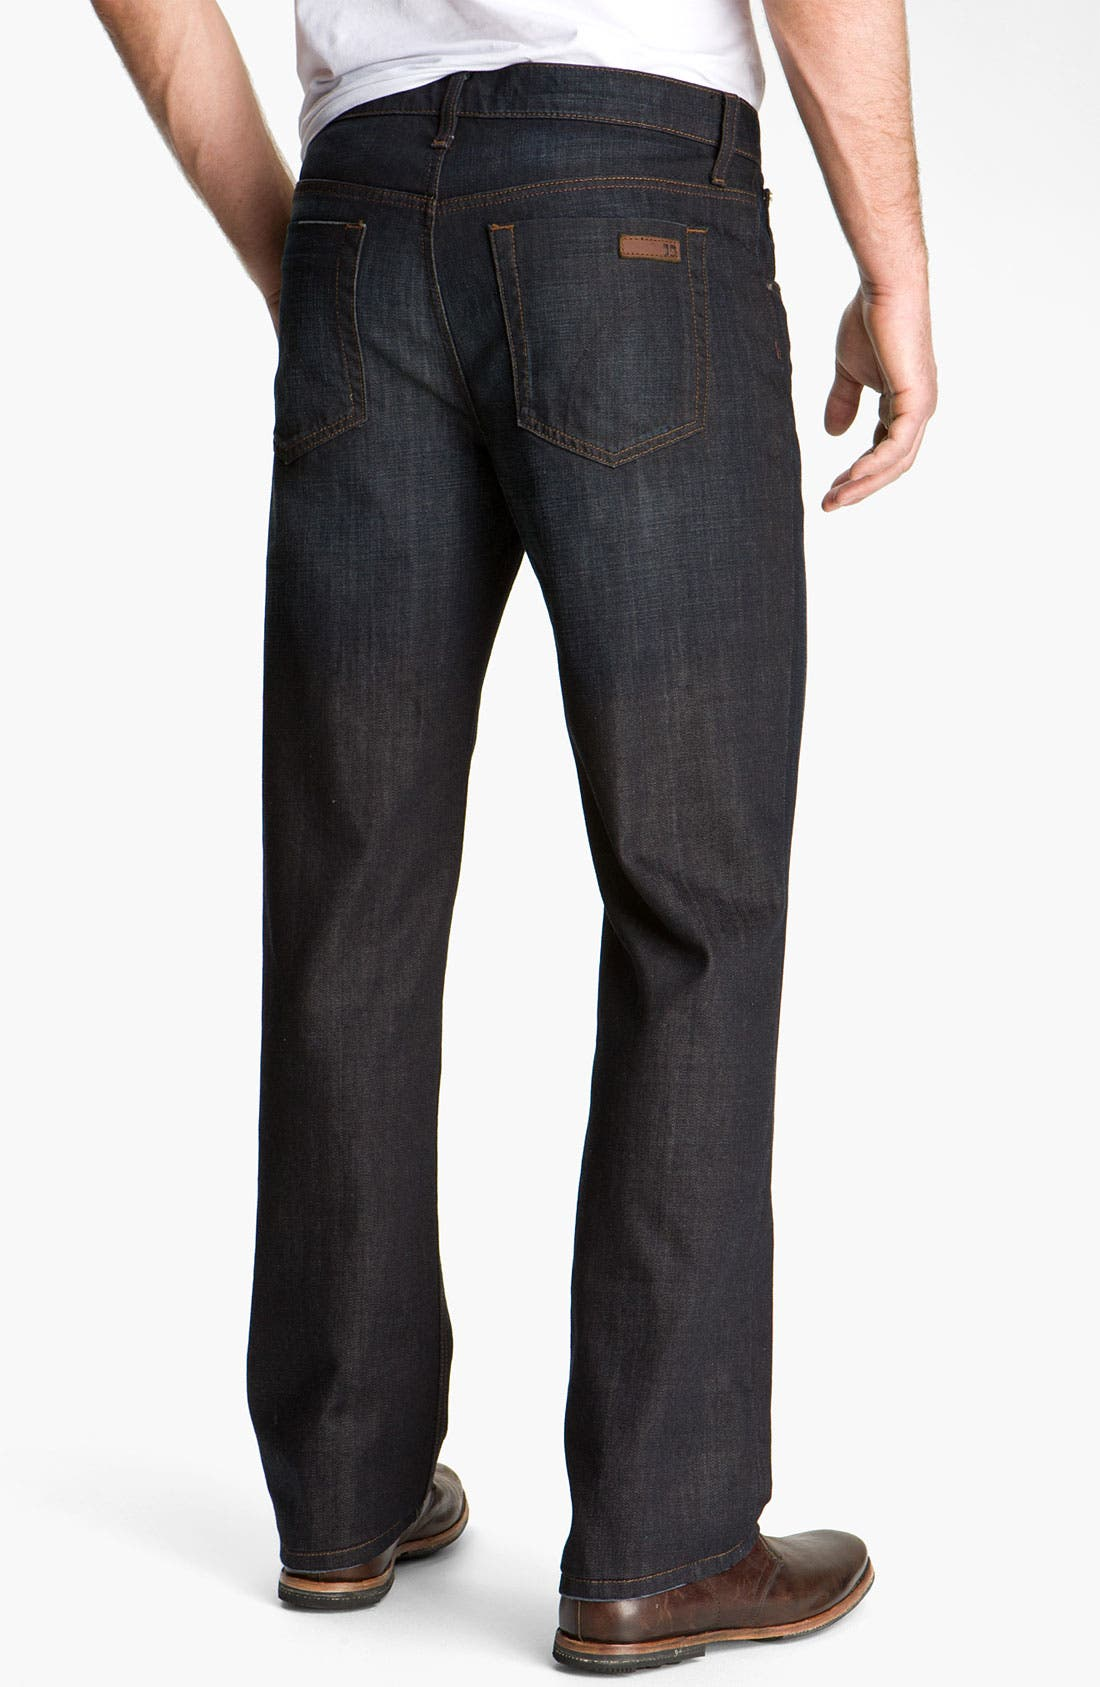 Alternate Image 1 Selected - Joe's 'Rebel' Relaxed Straight Leg Jeans (Fields Dark Blue)